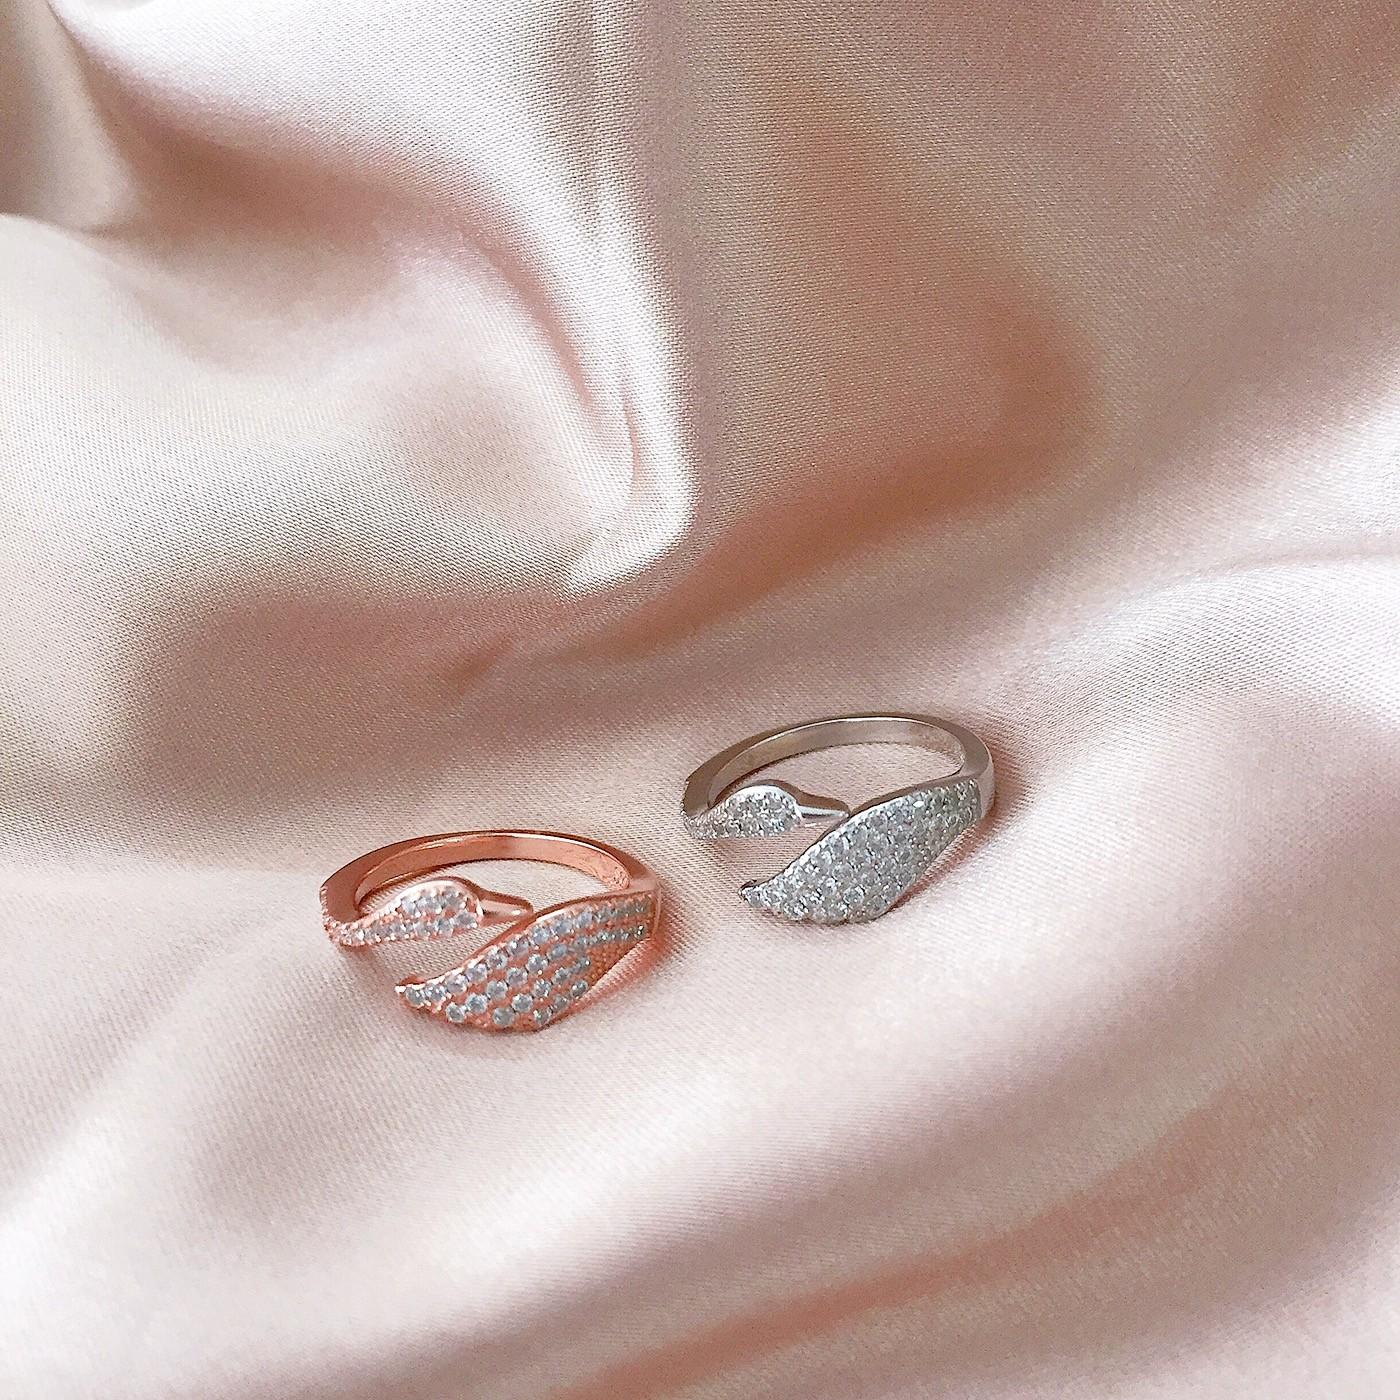 925银开口天鹅之旅礼物气质女IDO对戒指